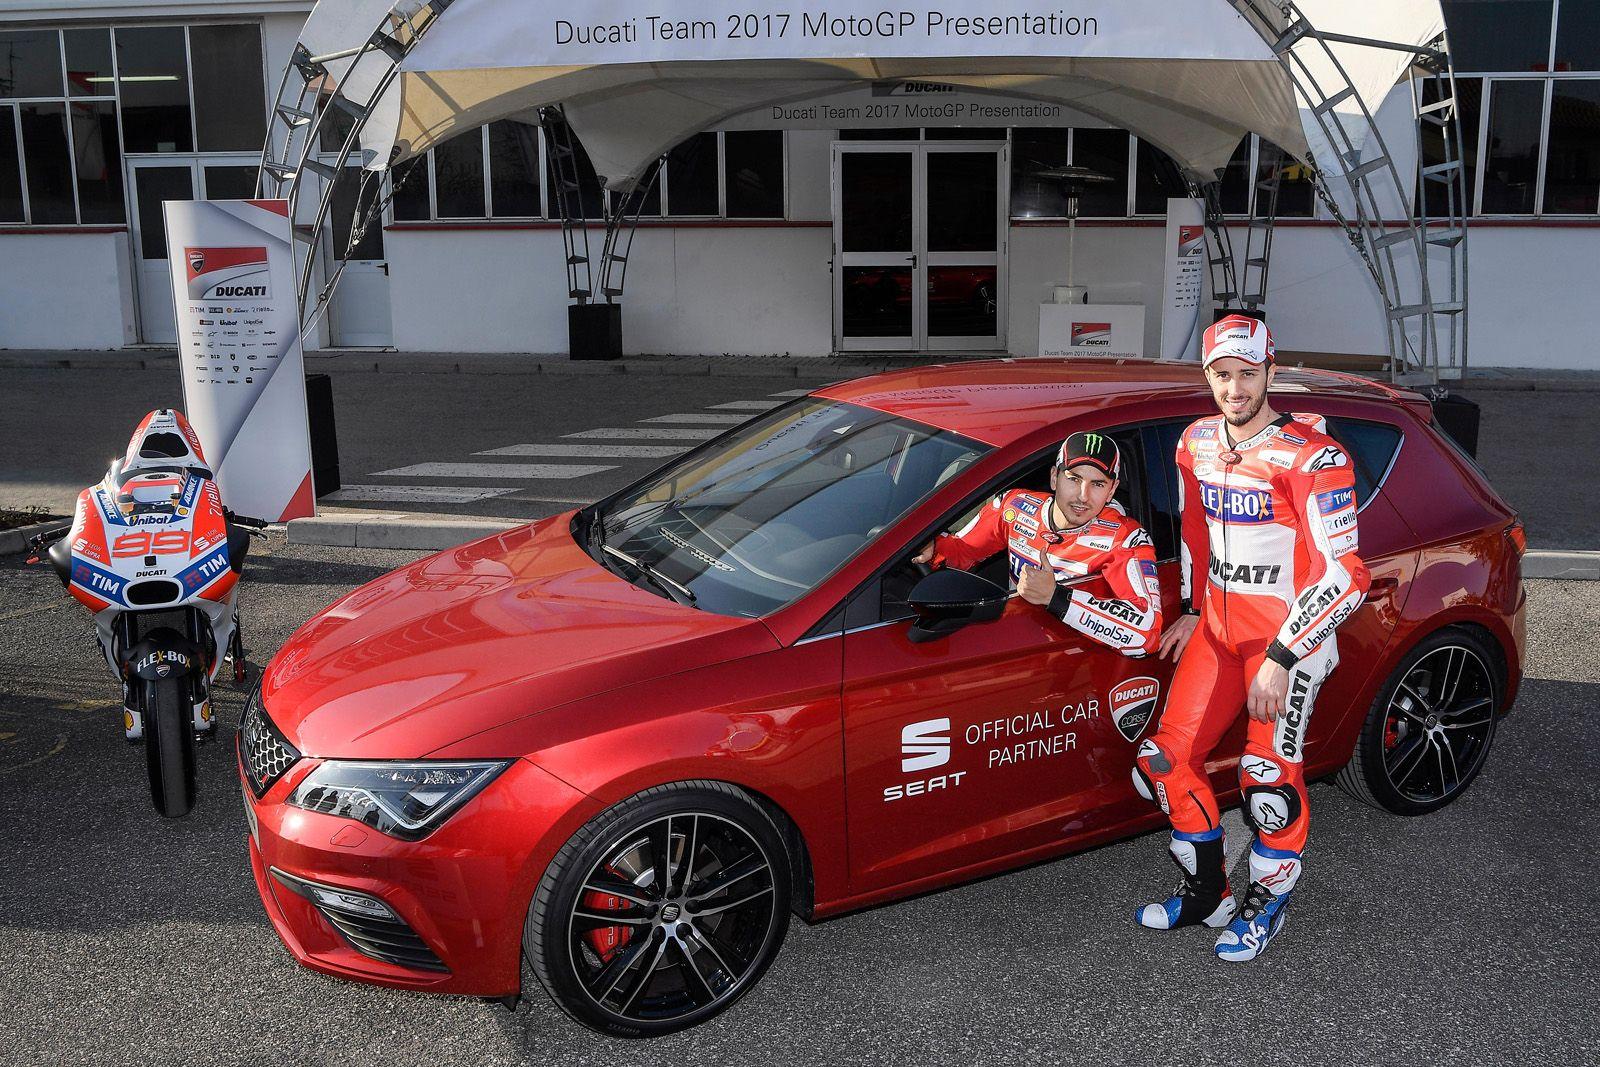 SEAT León Cupra, coche oficial del equipo Ducati de Moto GP